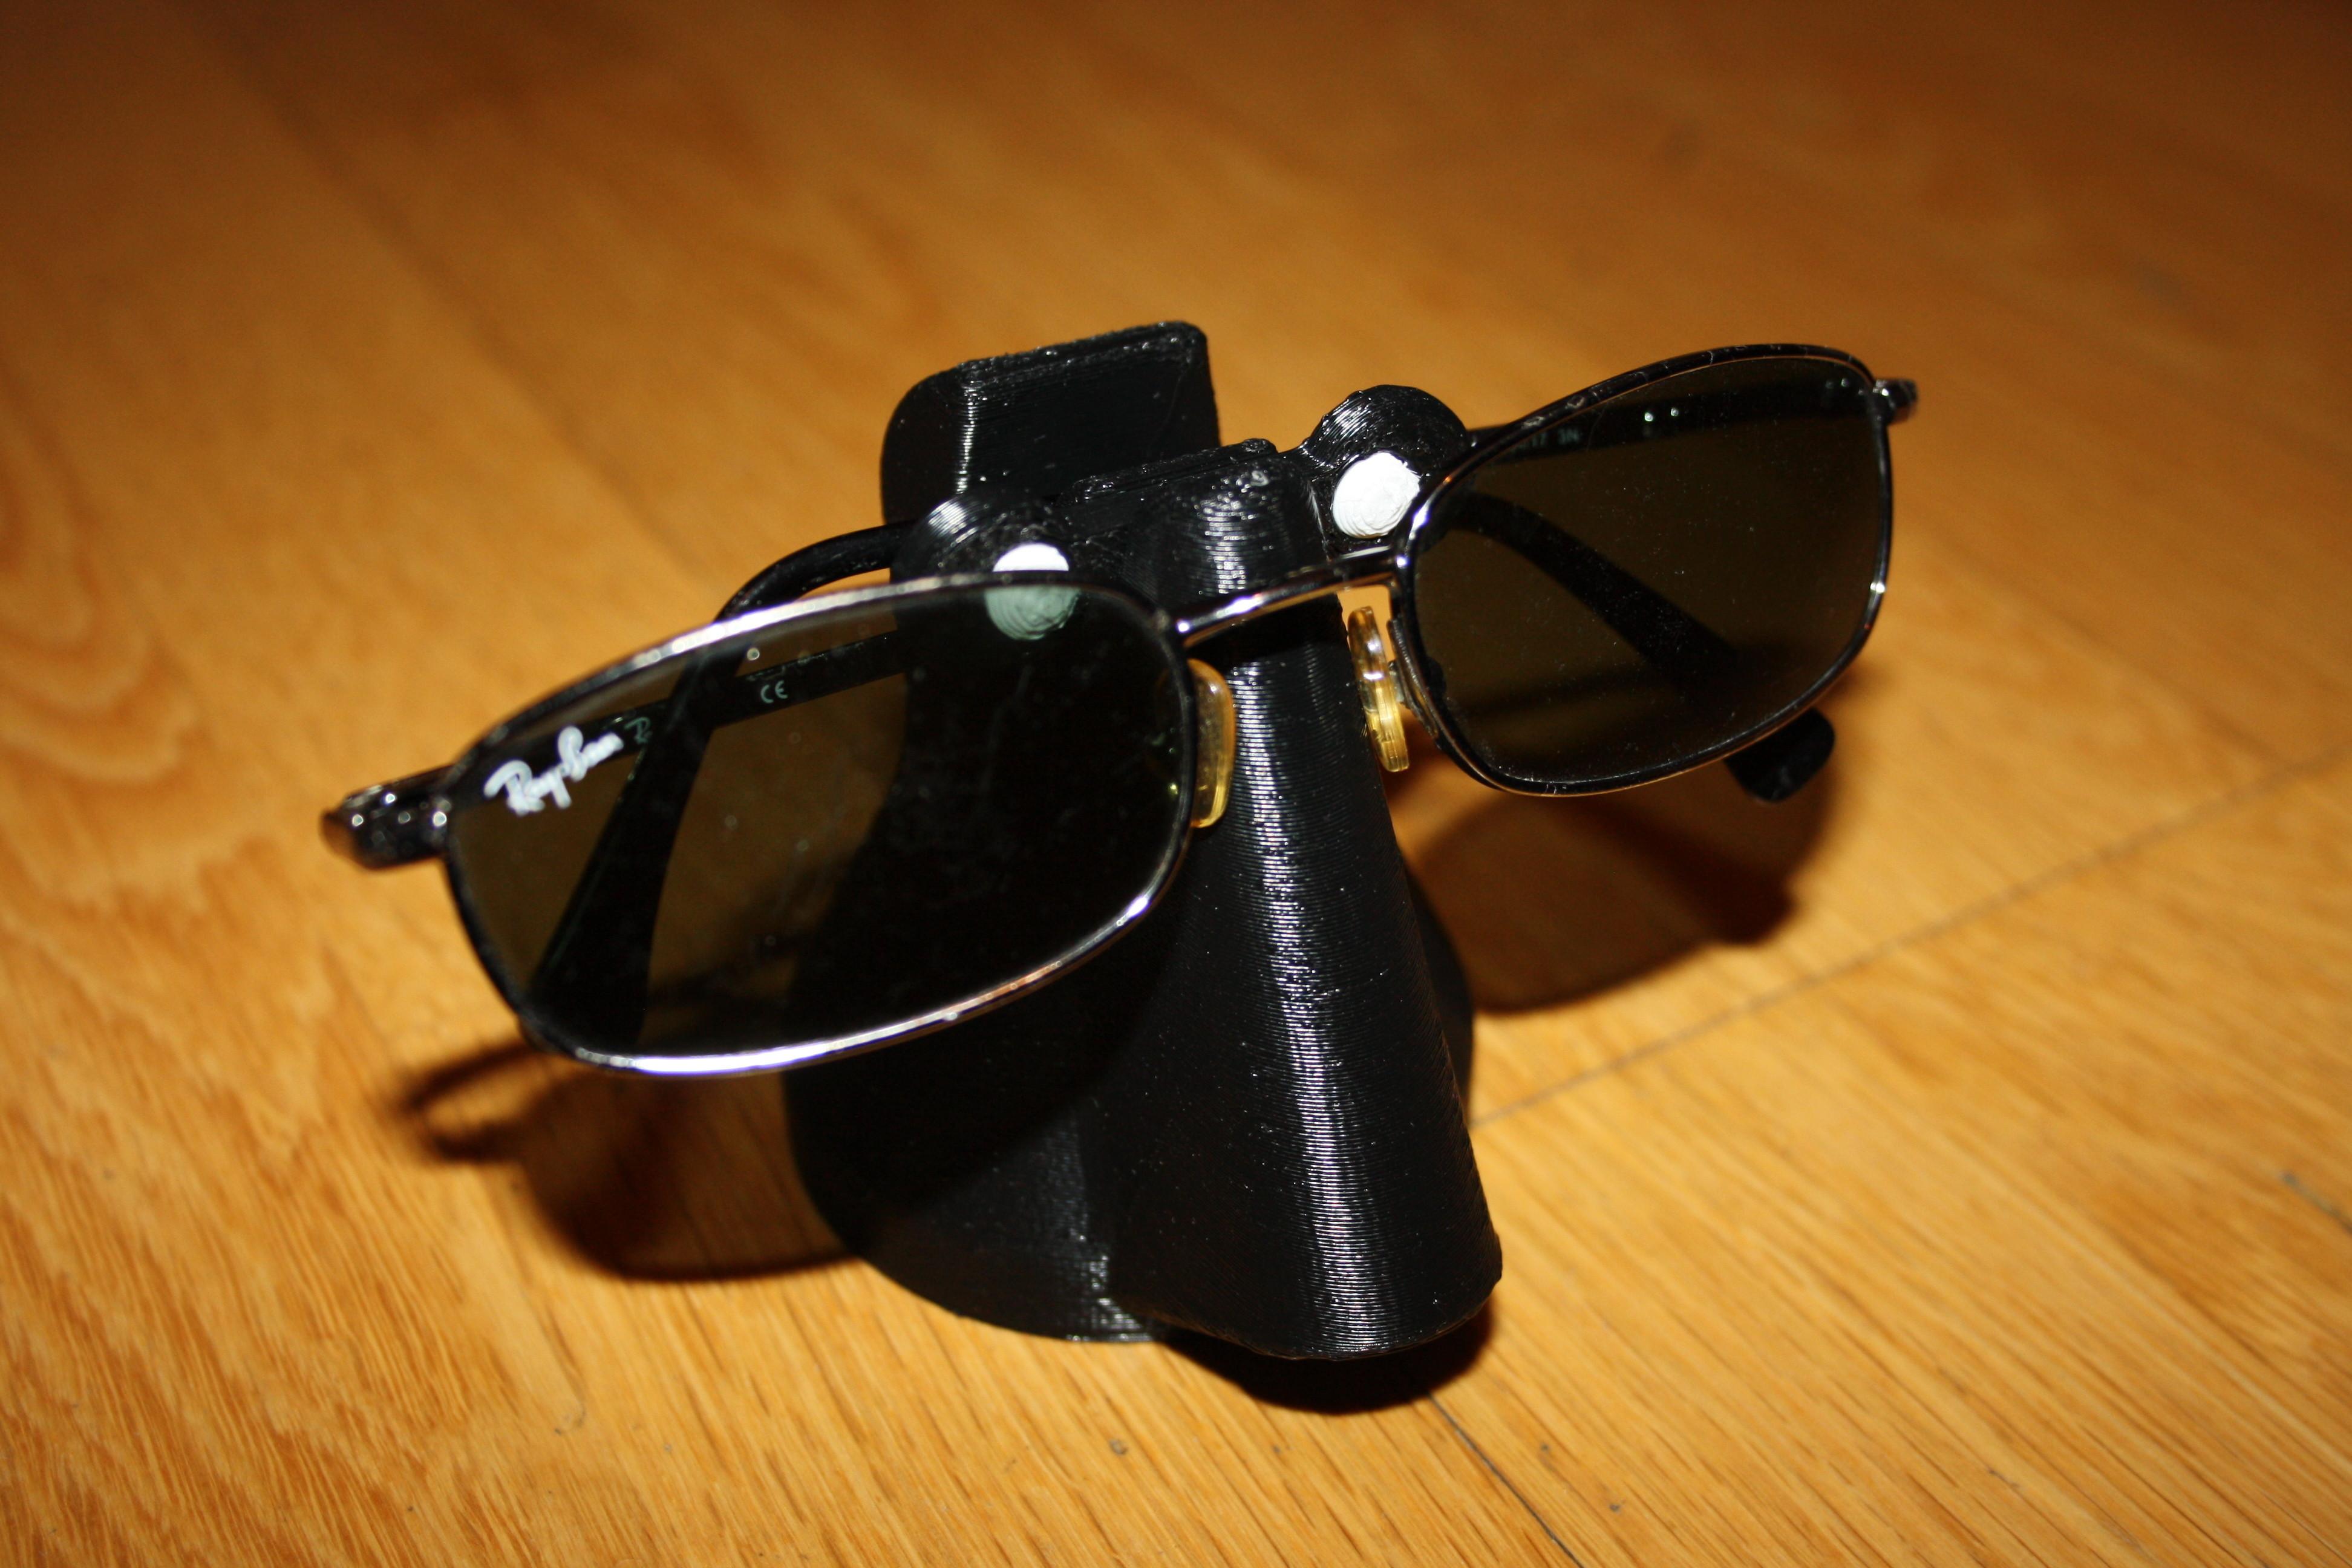 cults_open_005.JPG Download STL file Porte-lunette • 3D printer object, JJB